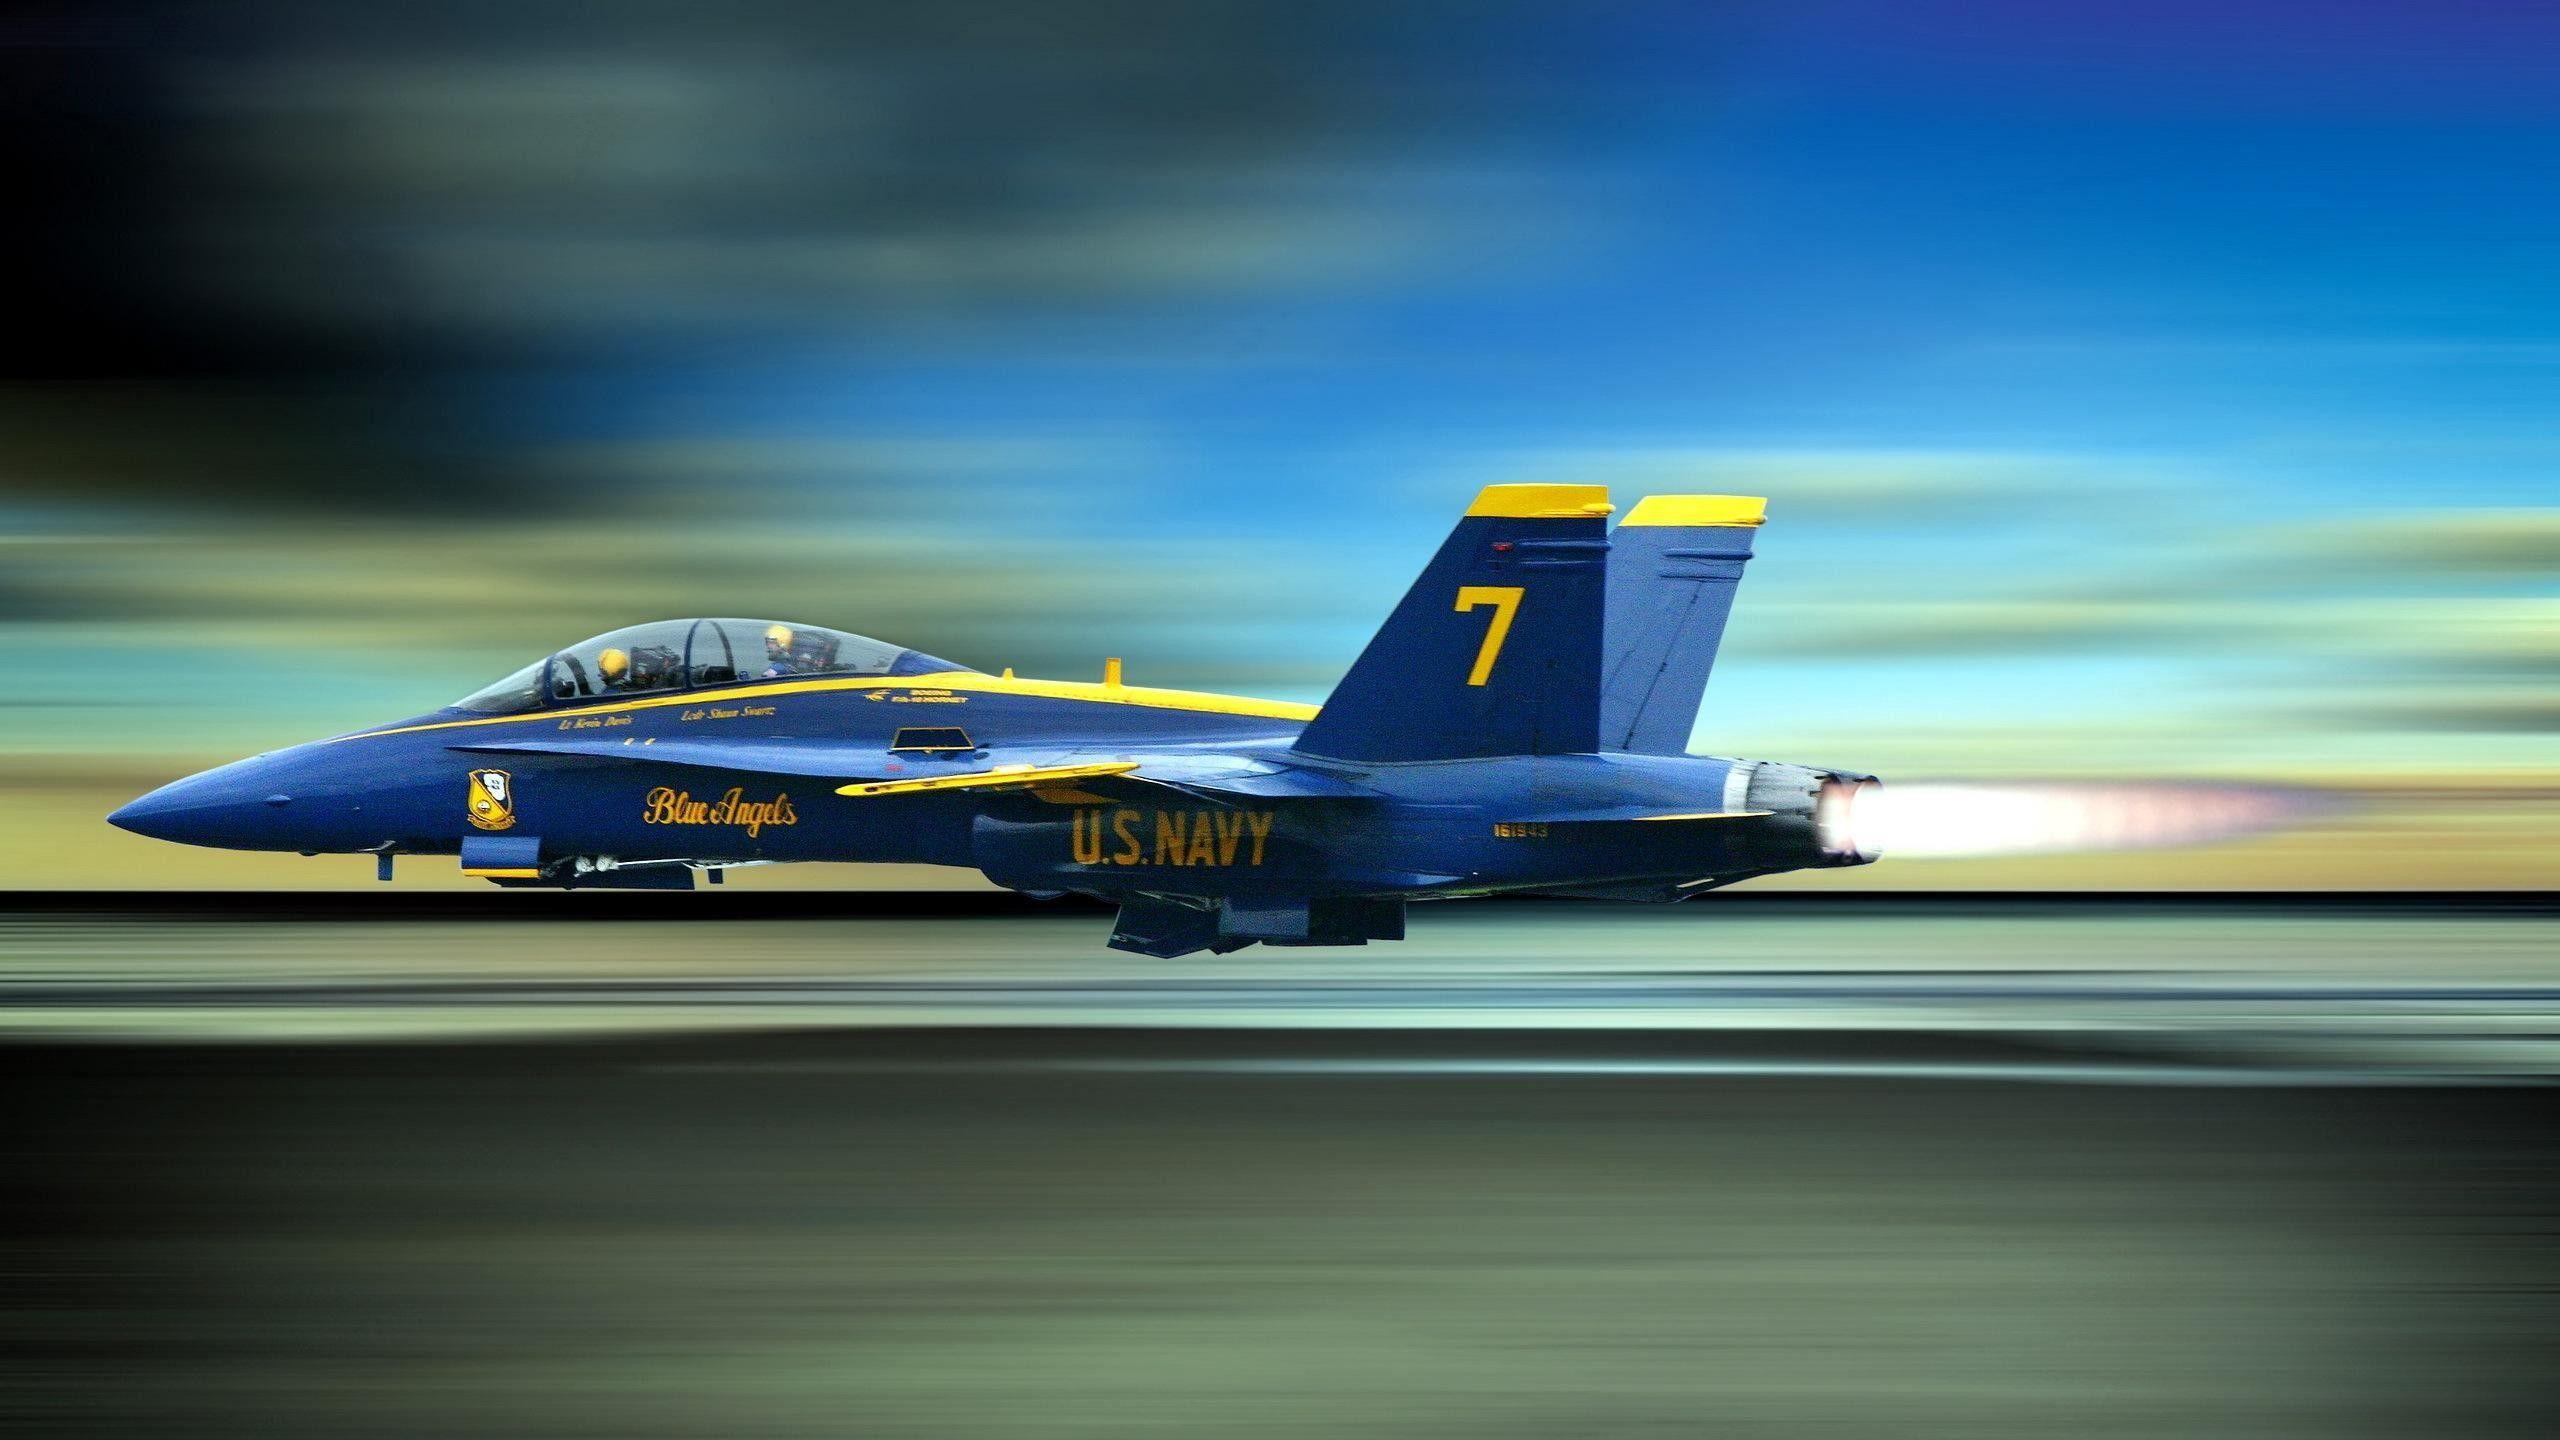 Blue Angel Hd Desktop Wallpaper Widescreen High Definition Fullscreen Us Navy Blue Angels Fighter Jets Blue Angels